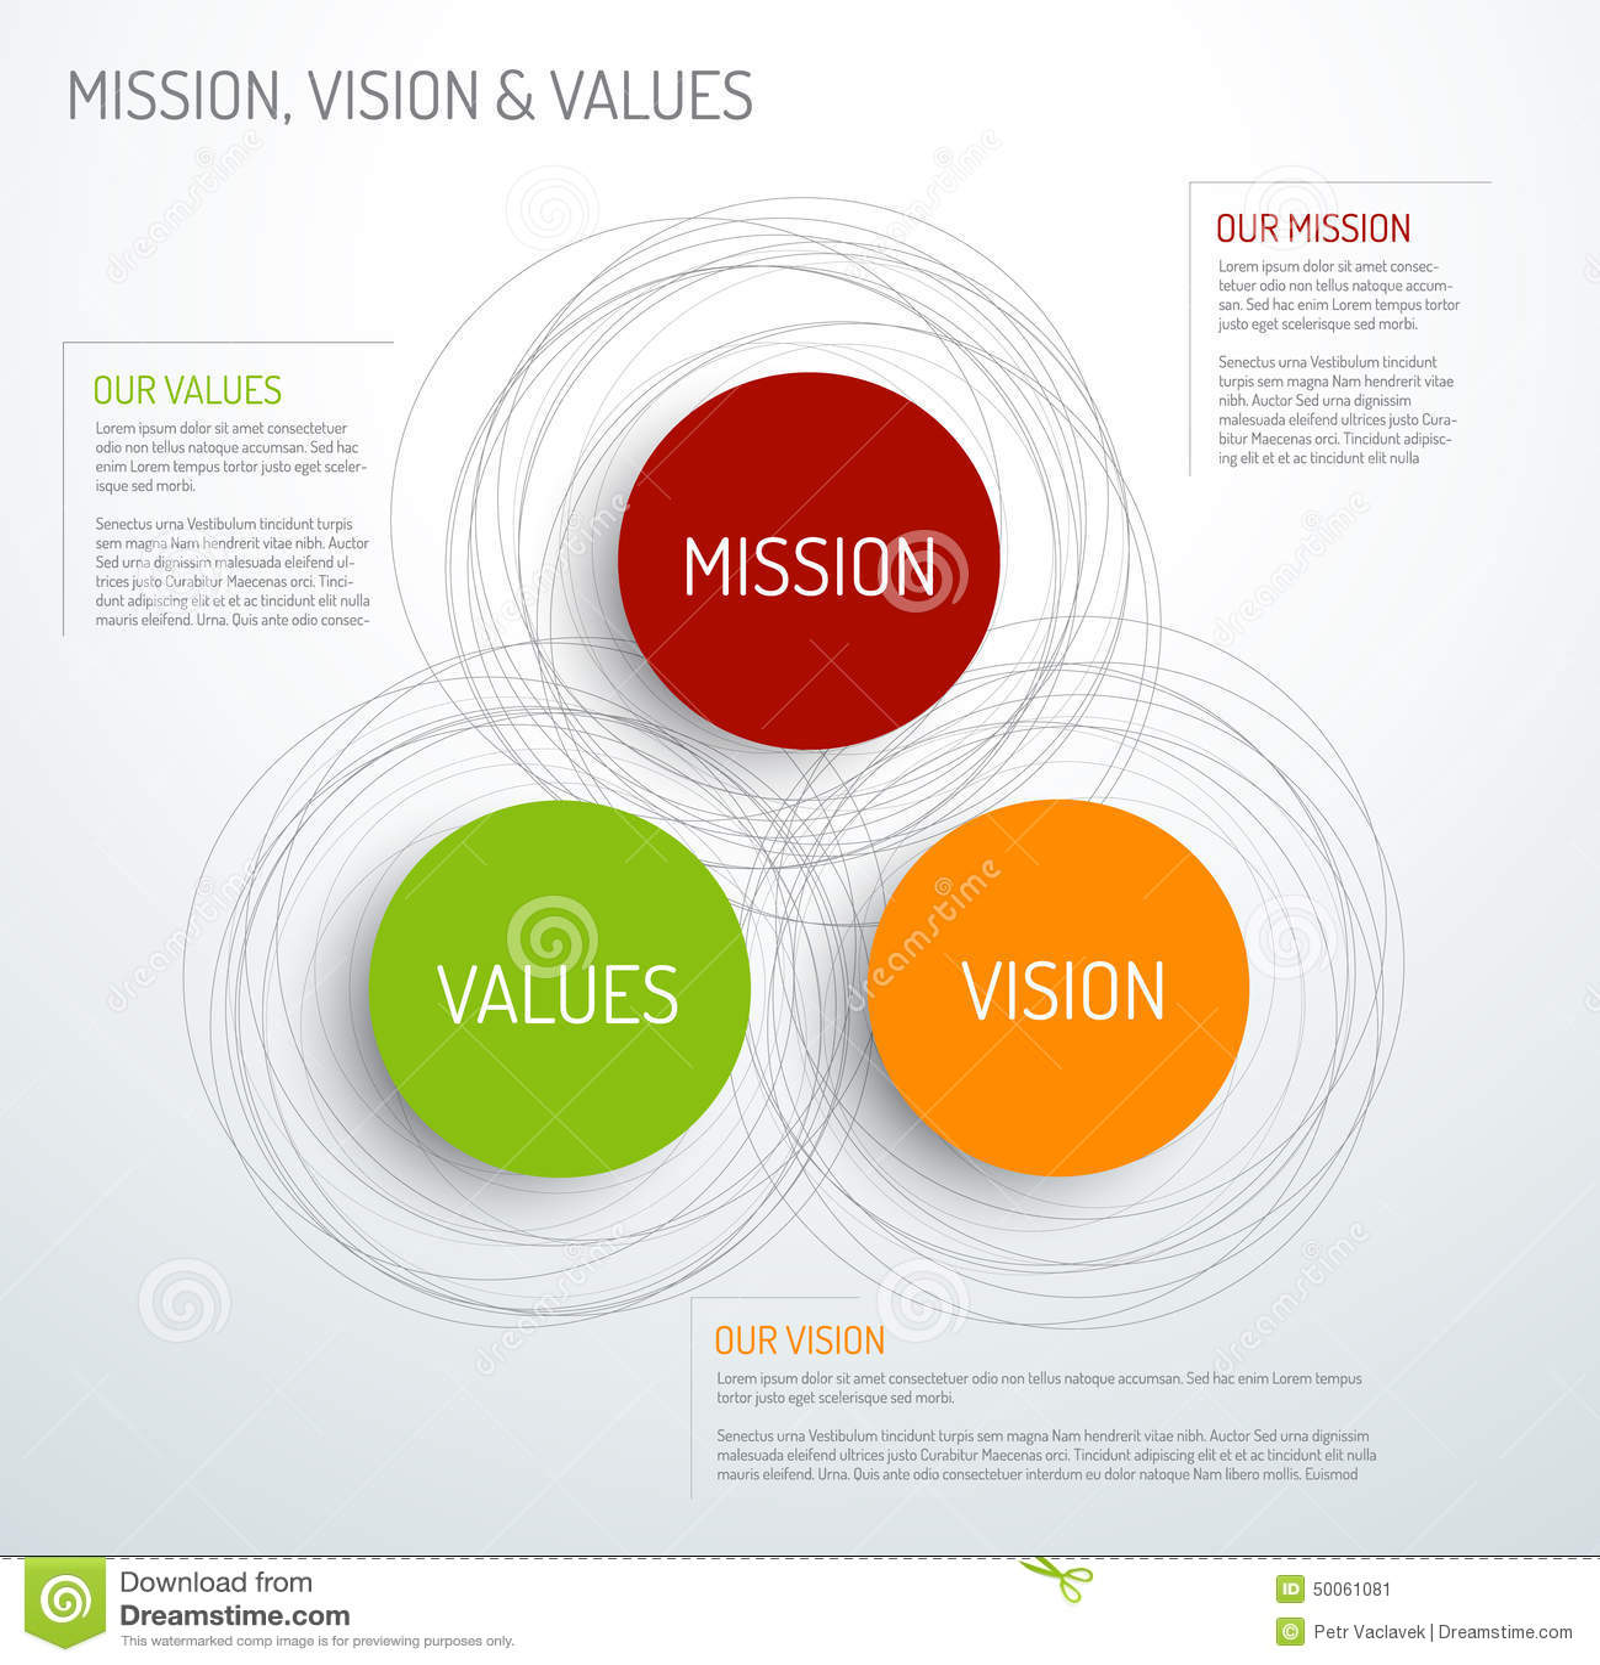 使命、视觉和价值图